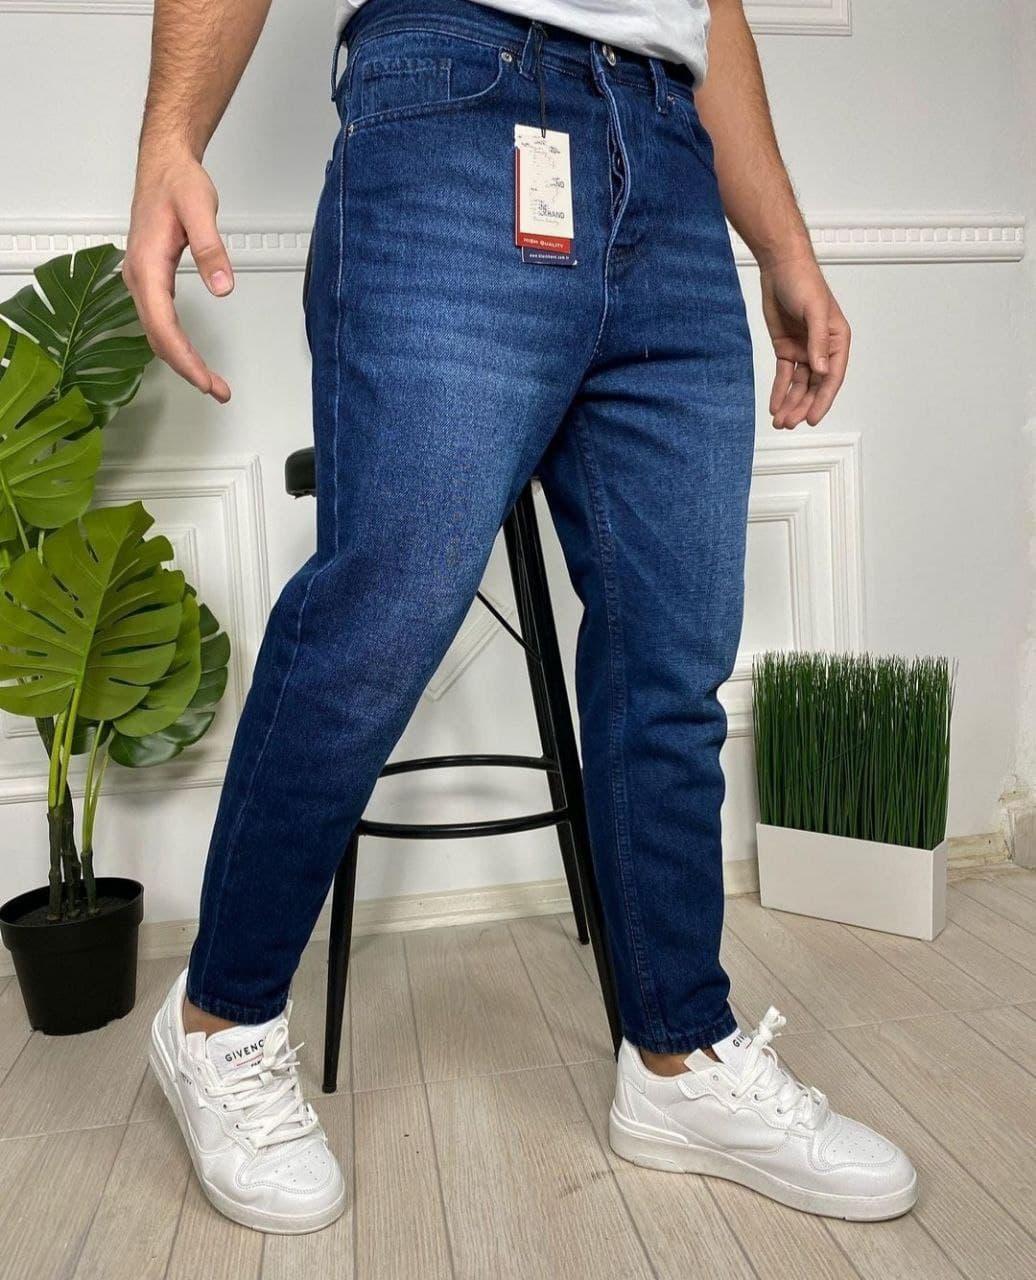 Чоловічі джинси МОМ сині Туреччина ОД